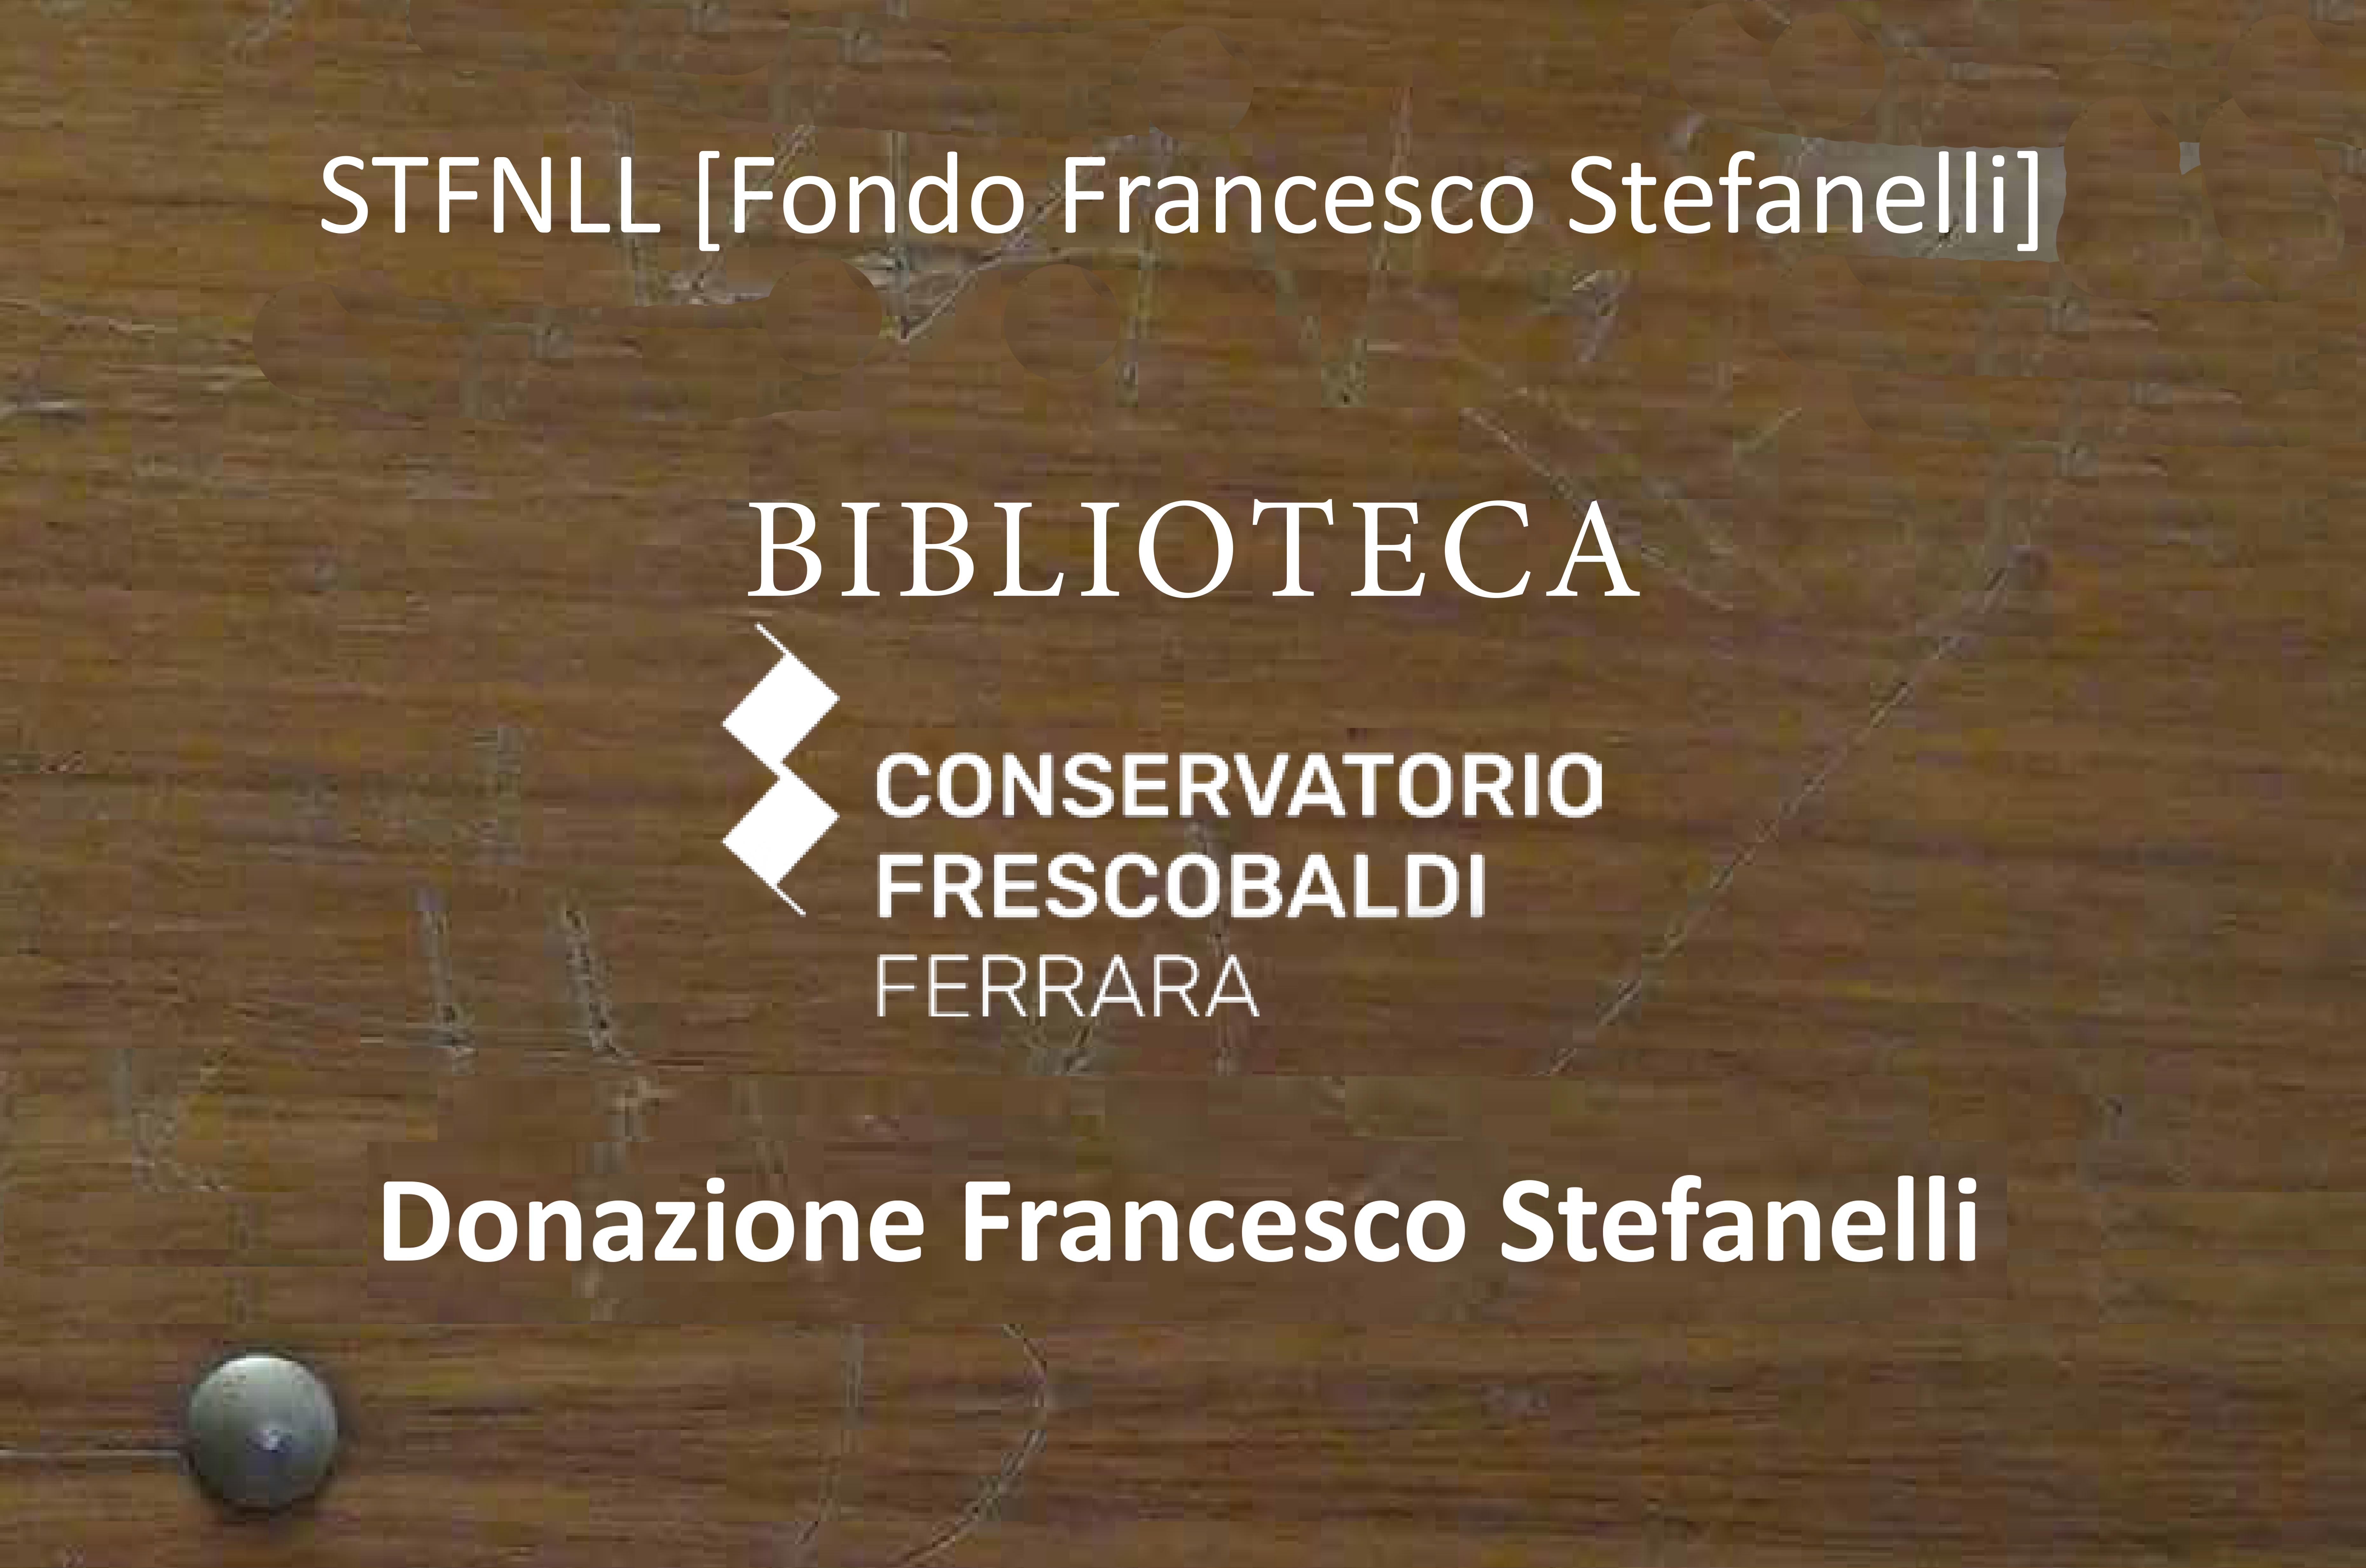 Fondo Stefanelli